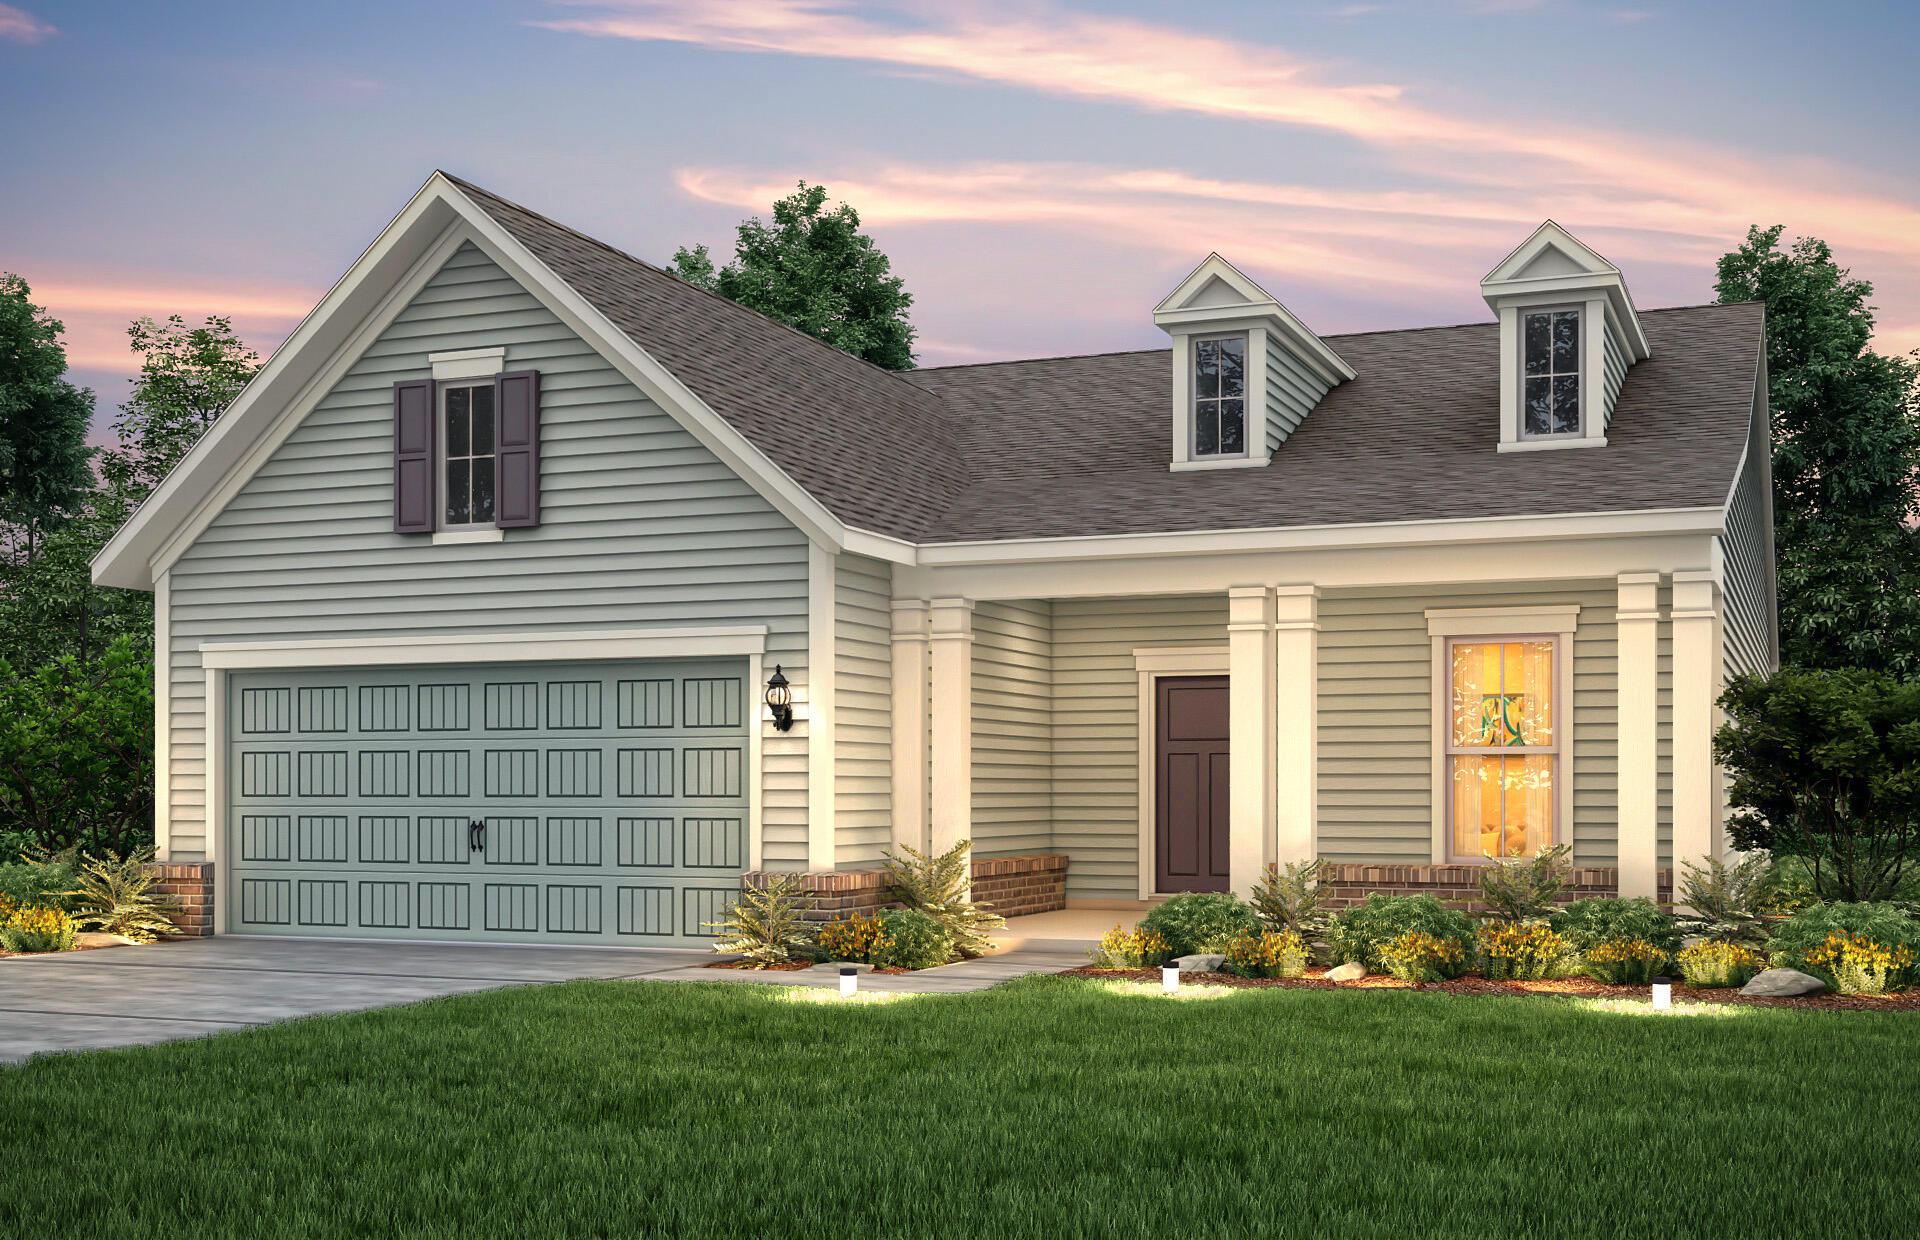 415 Hidden Meadow Lane, Summerville, 29486, 3 Bedrooms Bedrooms, ,2 BathroomsBathrooms,Residential,For Sale,Hidden Meadow,21024178